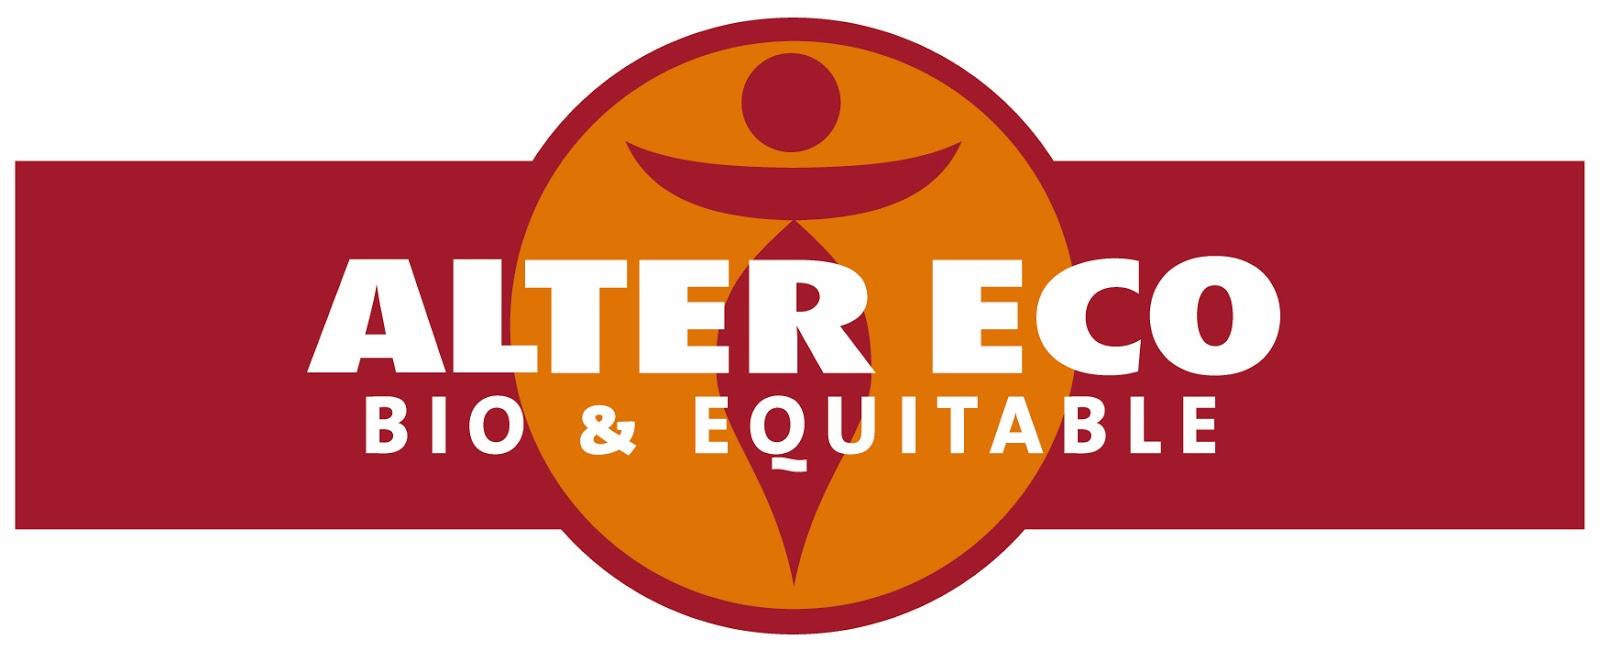 Bienvenue chez Spicy: Partenariat avec Alter Eco